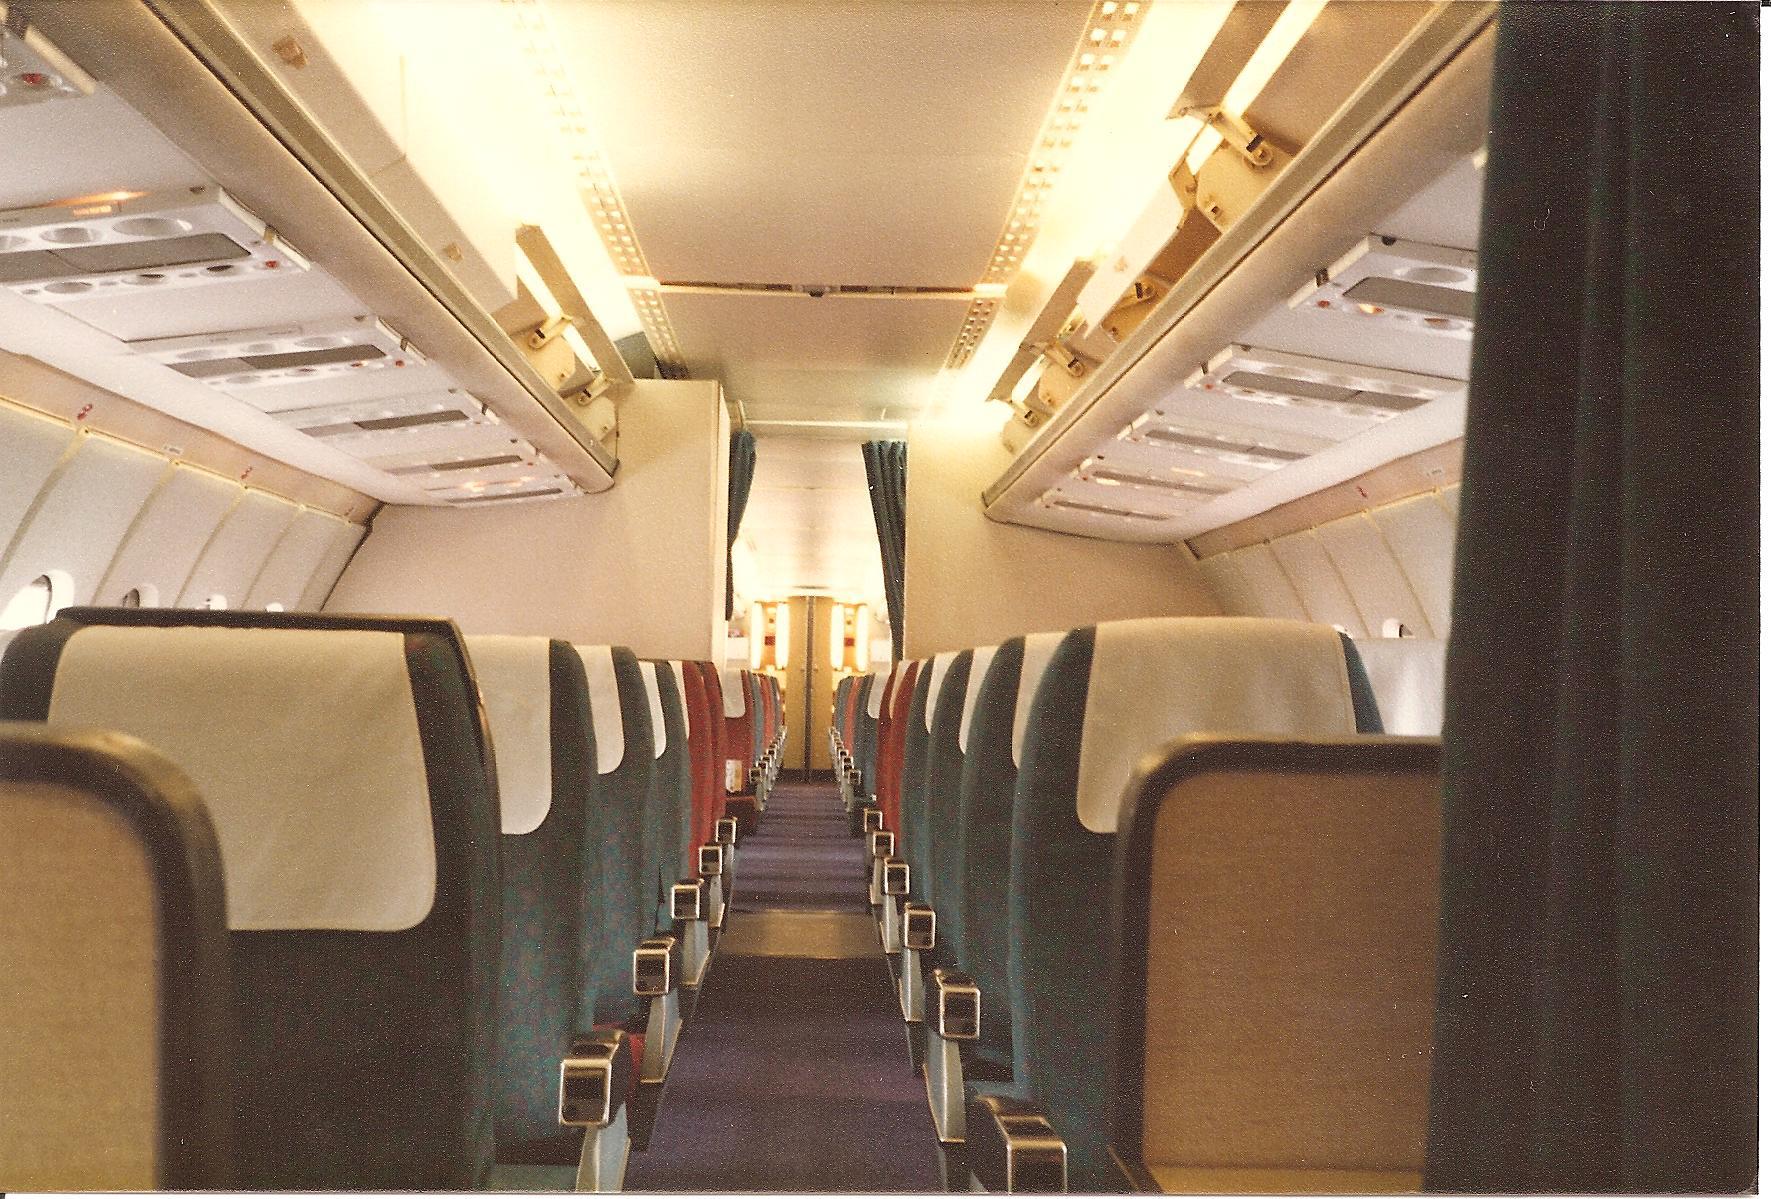 Cabin after final flight